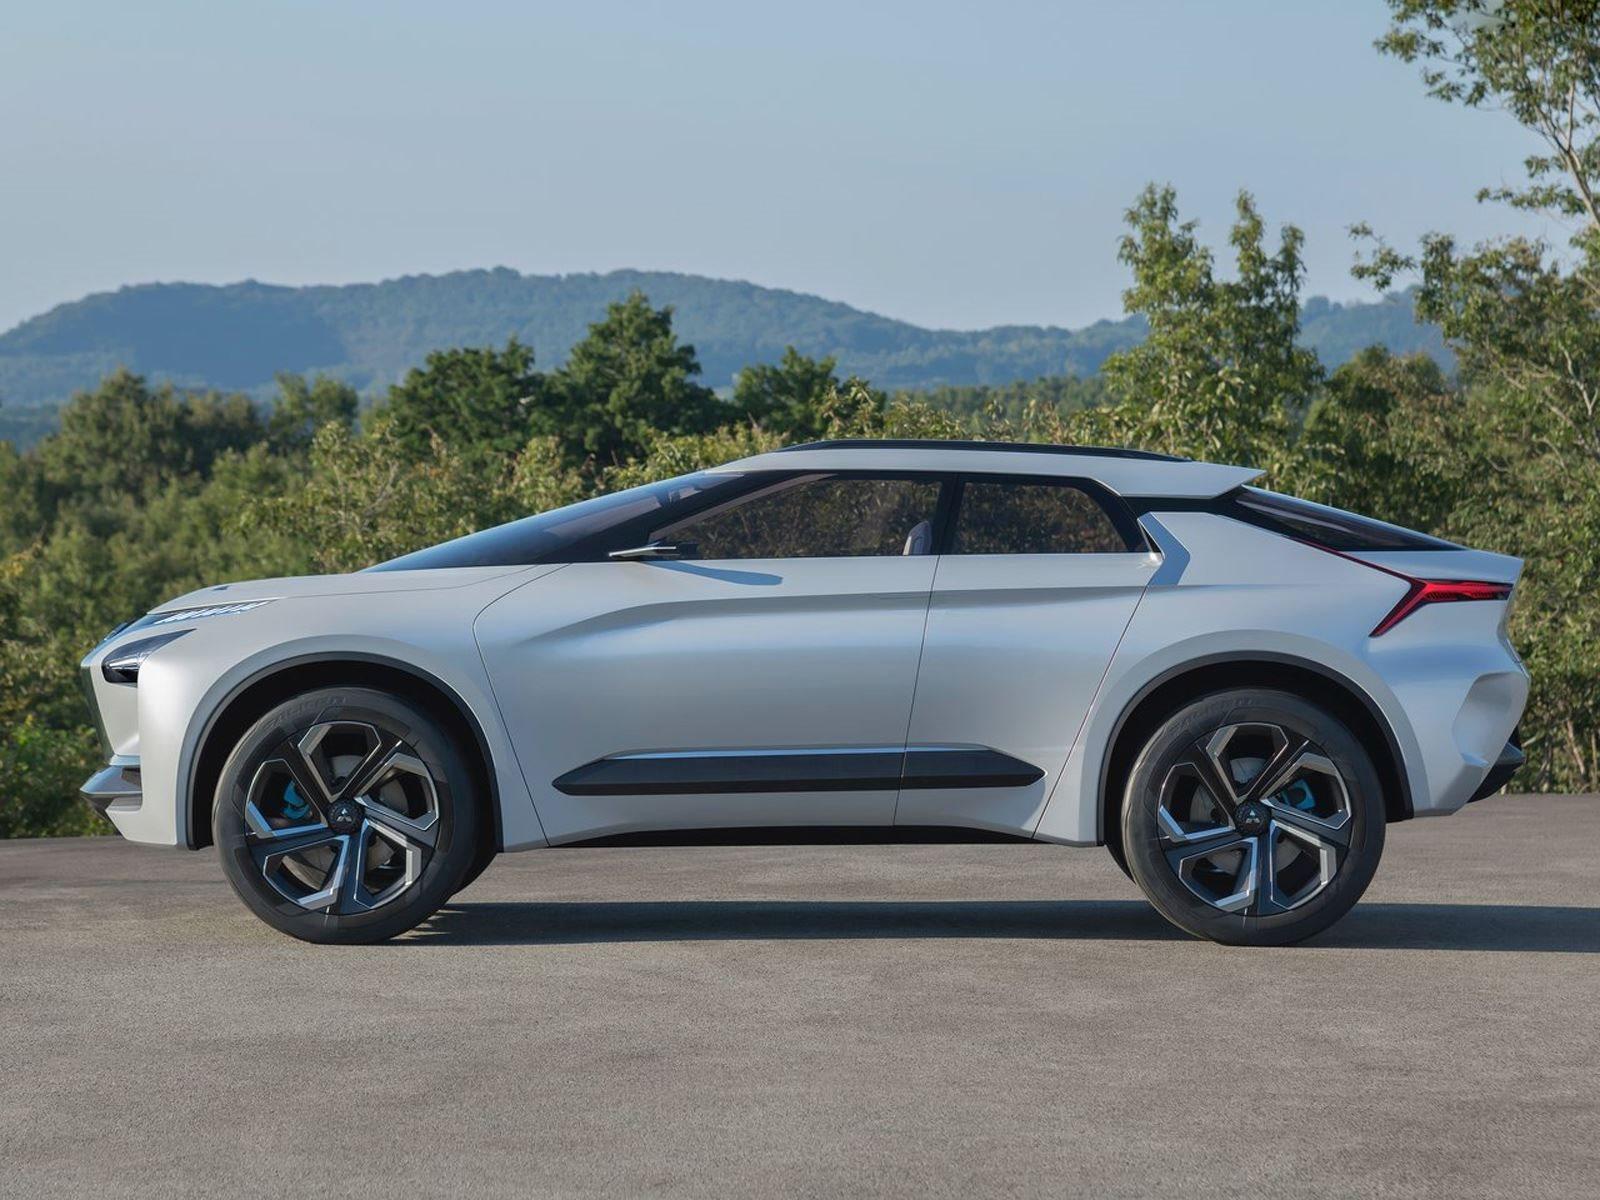 Одним из таких примеров будущего автомобиля Mitsubishi, является концепция e-Evolution.